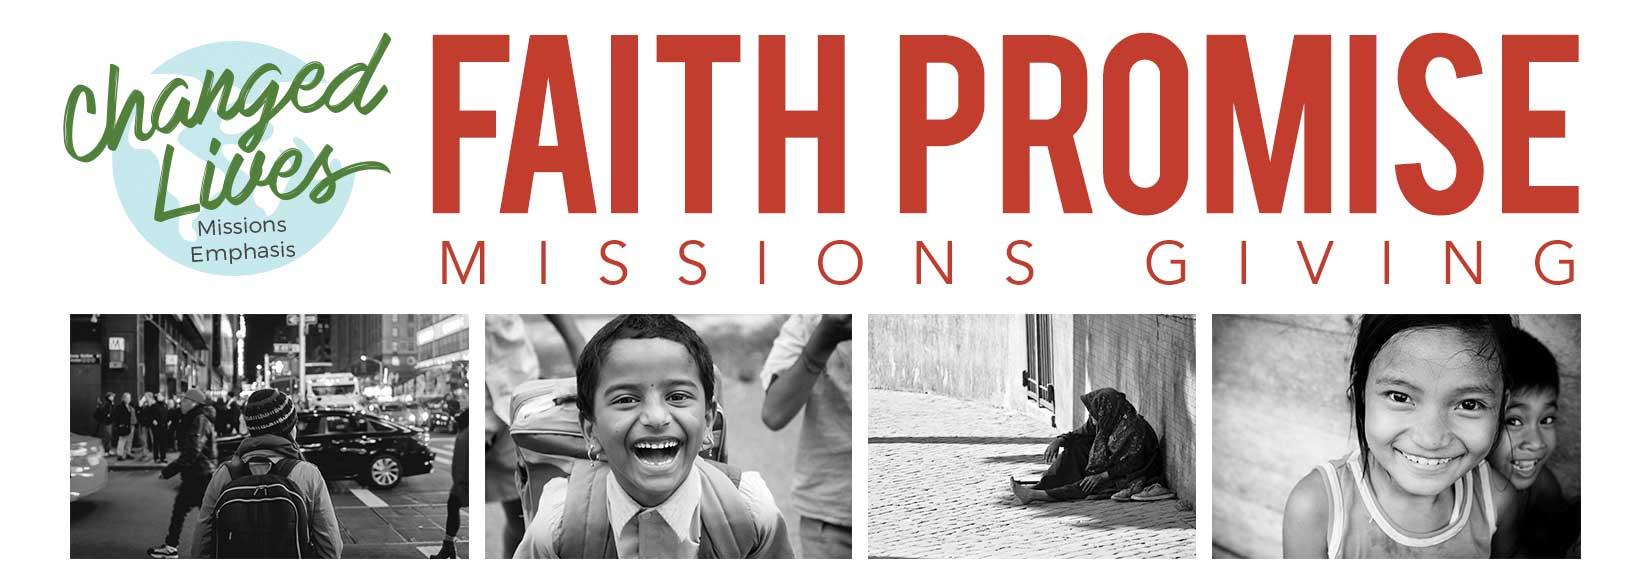 faith_promise-heading-web.jpg